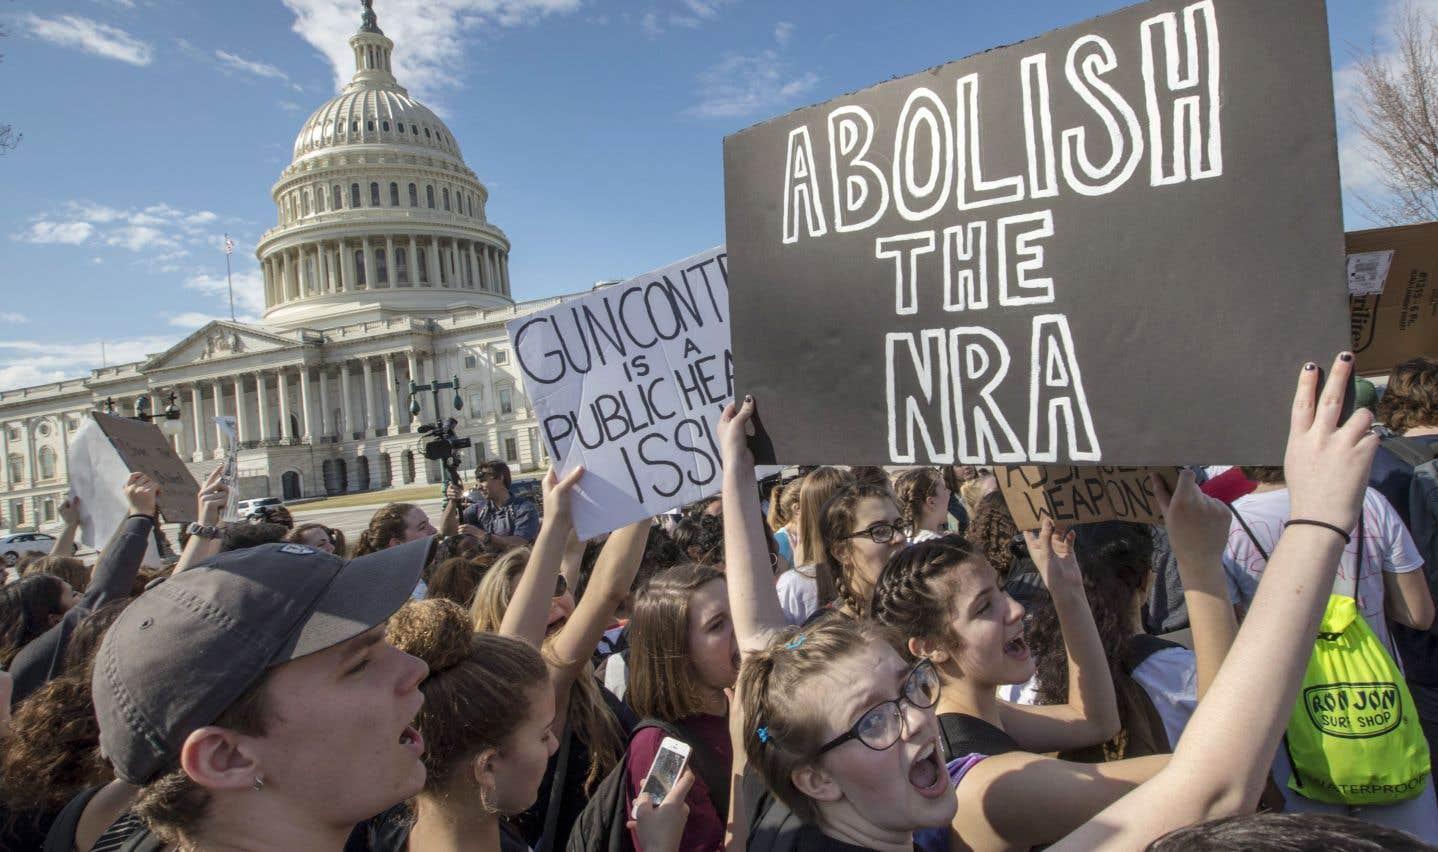 Des étudiants de plusieurs villes aux États-Unis ont manifesté pour un meilleur contrôle des armes à feu, notamment devant le Capitole à Washington.